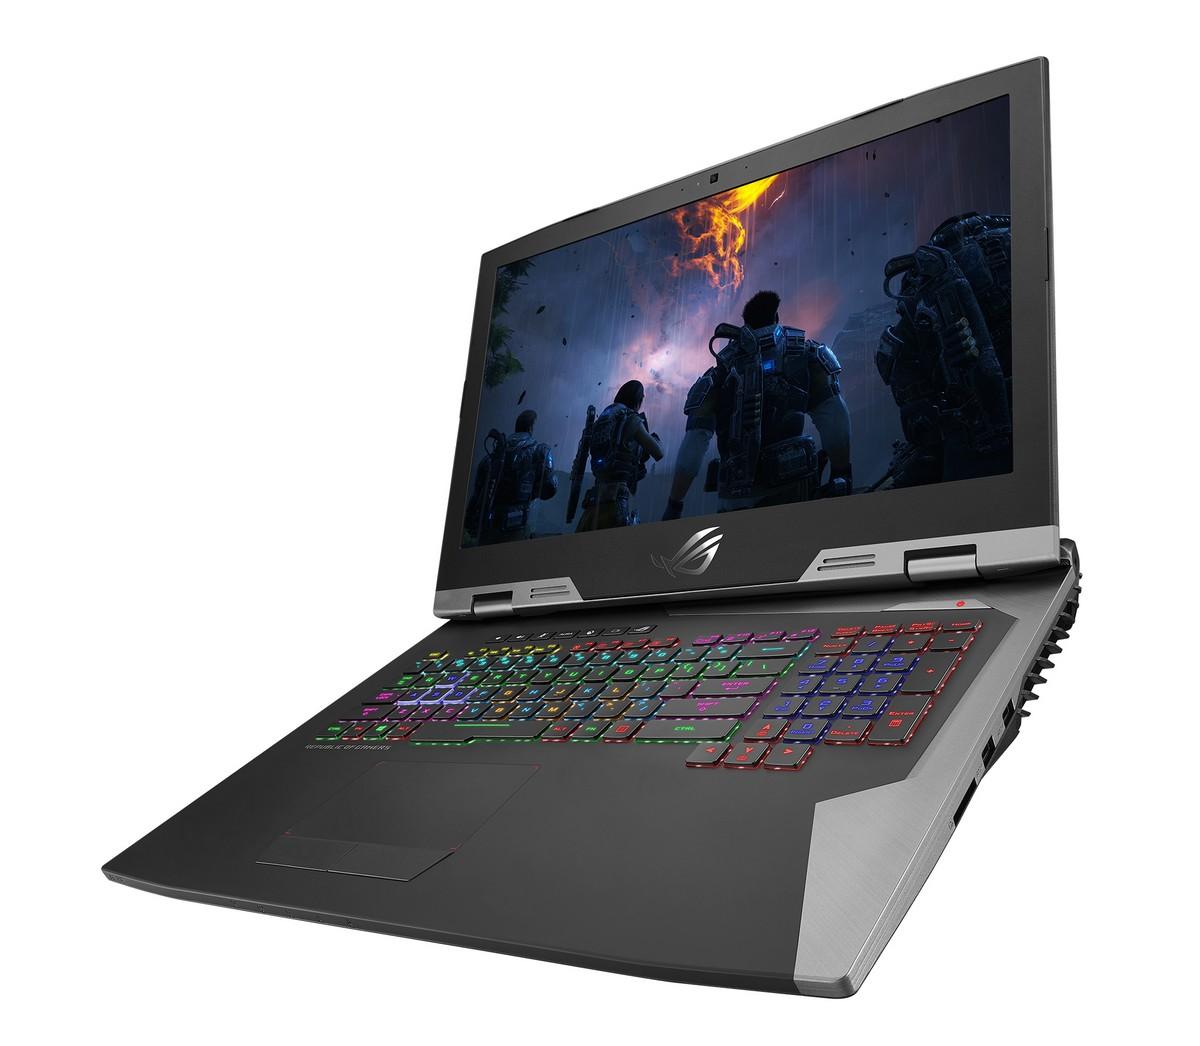 ASUS ra mắt laptop gaming ROG G703 trang bị màn hình 144Hz đầu tiên trên thế giới hình 5